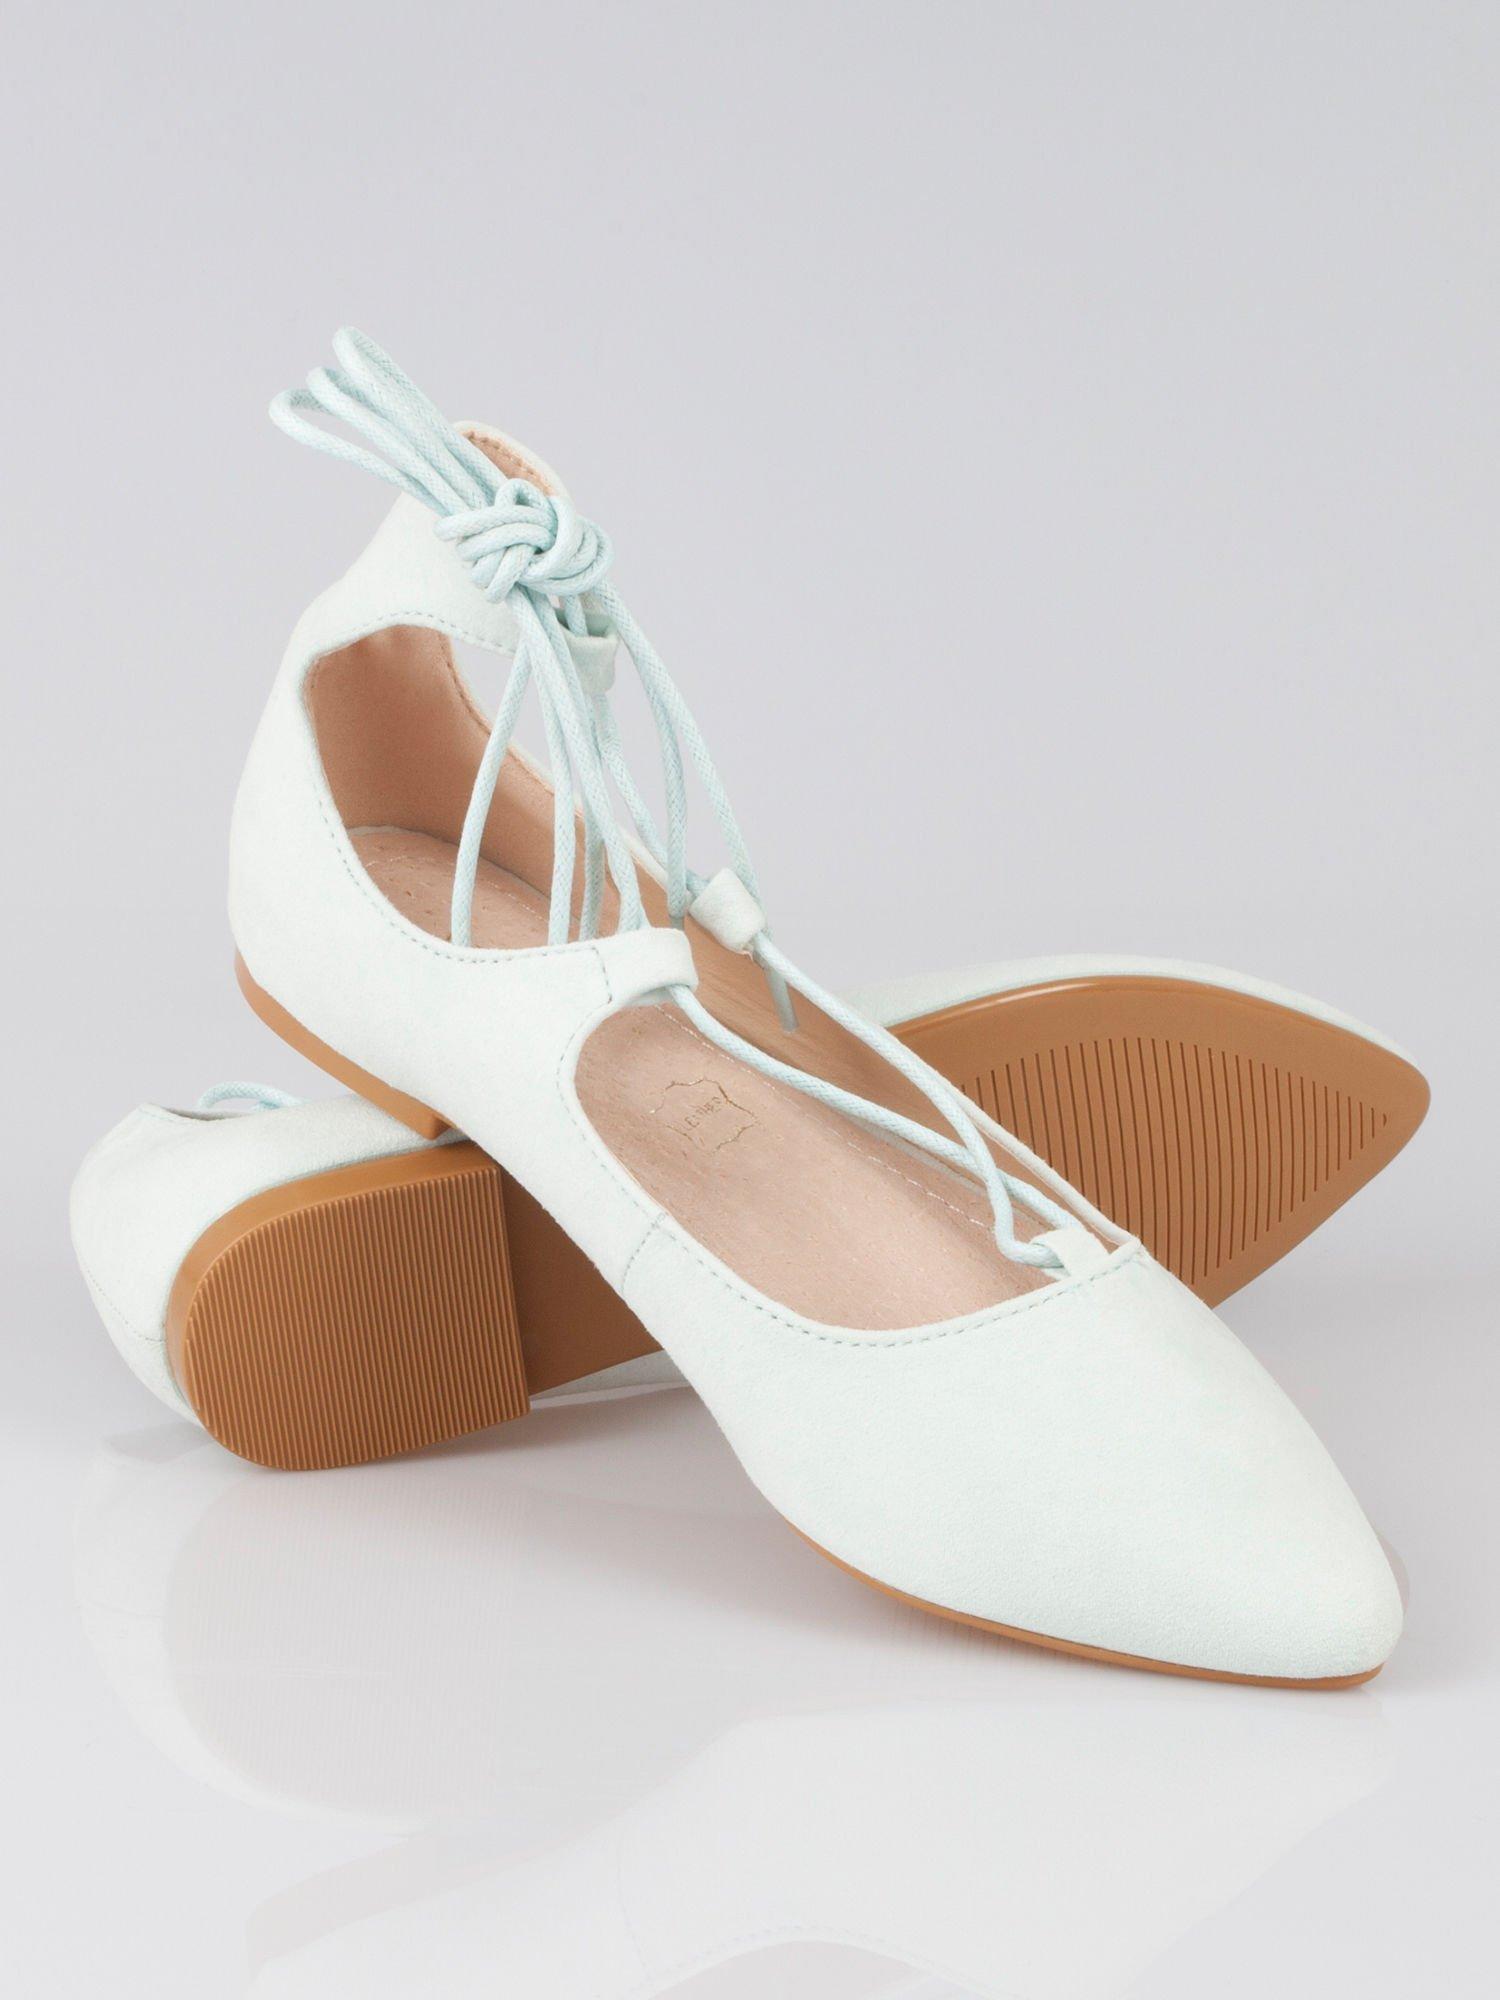 Miętowe wiązane baleriny faux suede Kim lace up z zamszu                                  zdj.                                  2